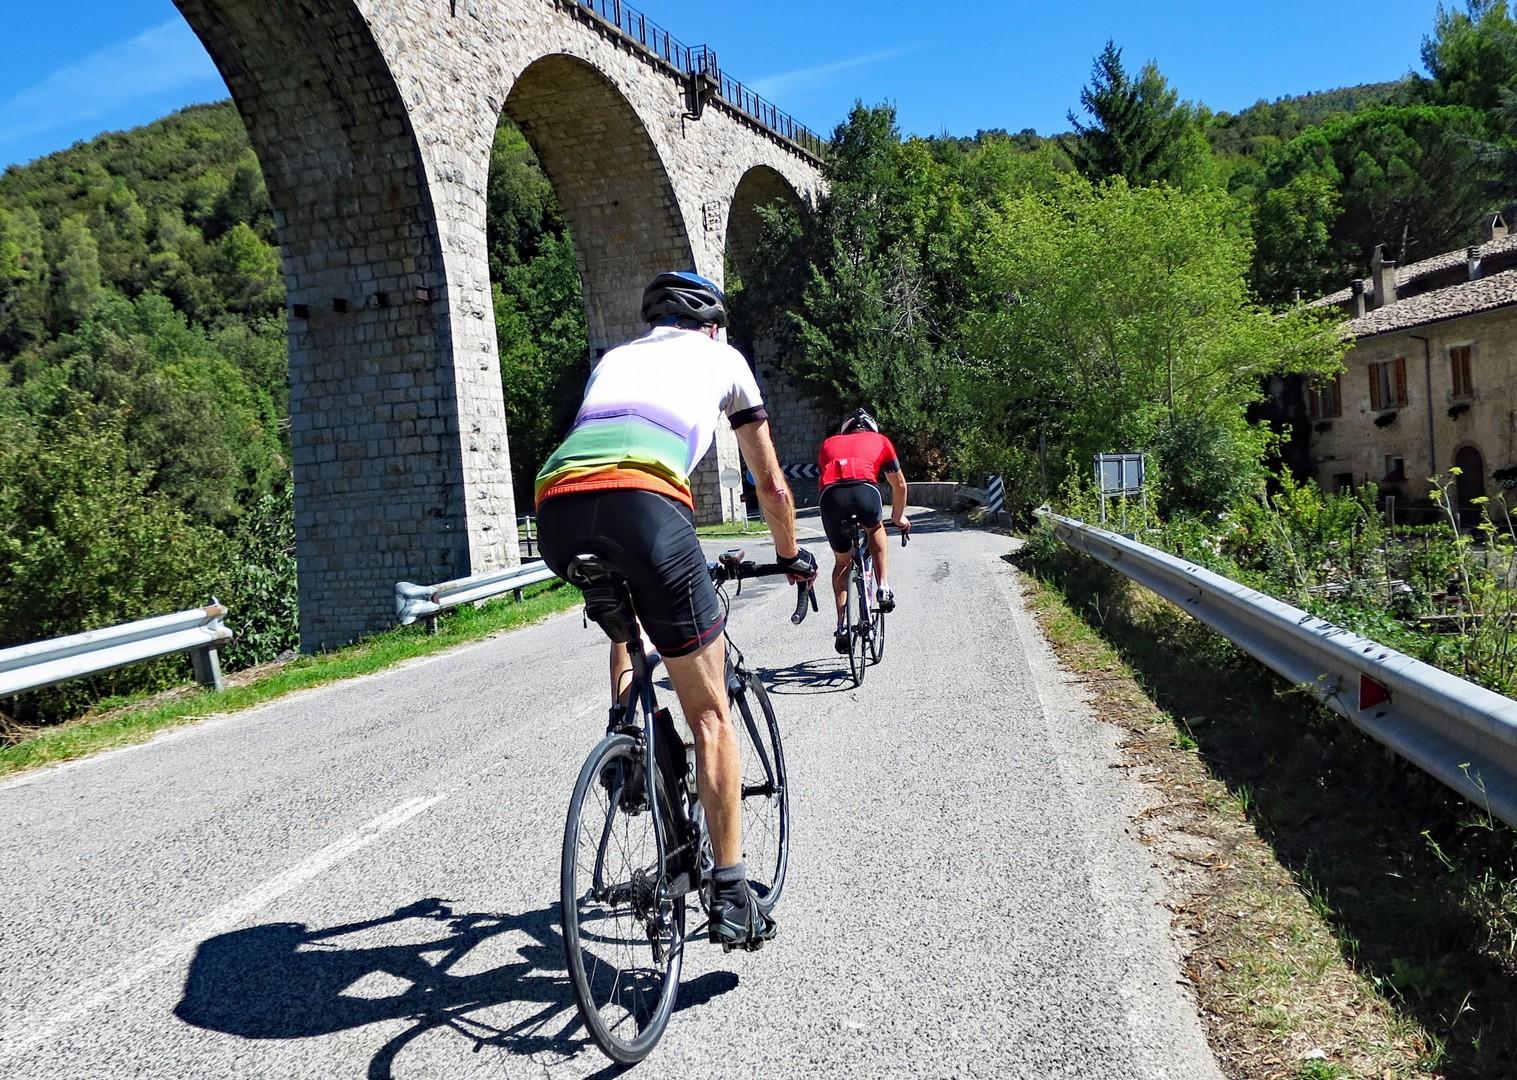 parco-nazionale-dell-abruzzo-italy-abruzzo-appennini-dabruzzo-guided-road-cycling-holiday.jpg - Italy - Abruzzo - Appennini d'Abruzzo - Guided Road Cycling Holiday - Road Cycling